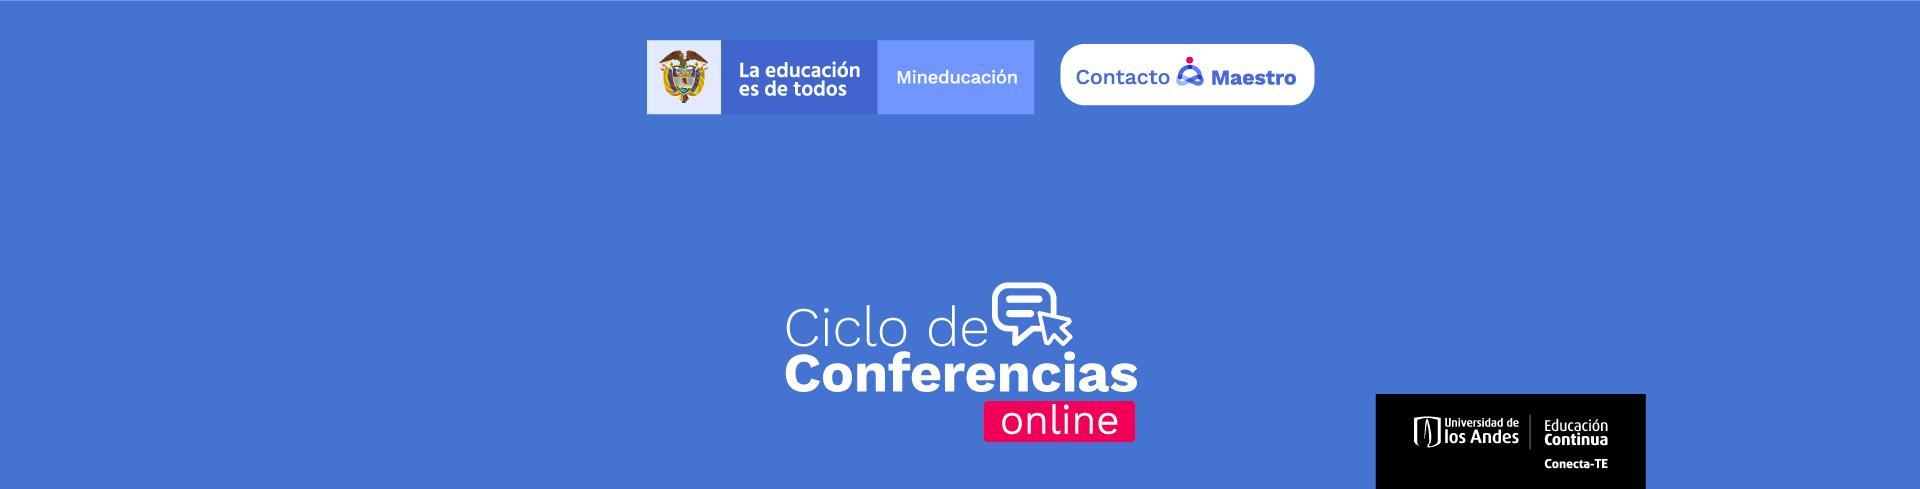 Ciclo de conferencias en Edicacion Continua Uniandes